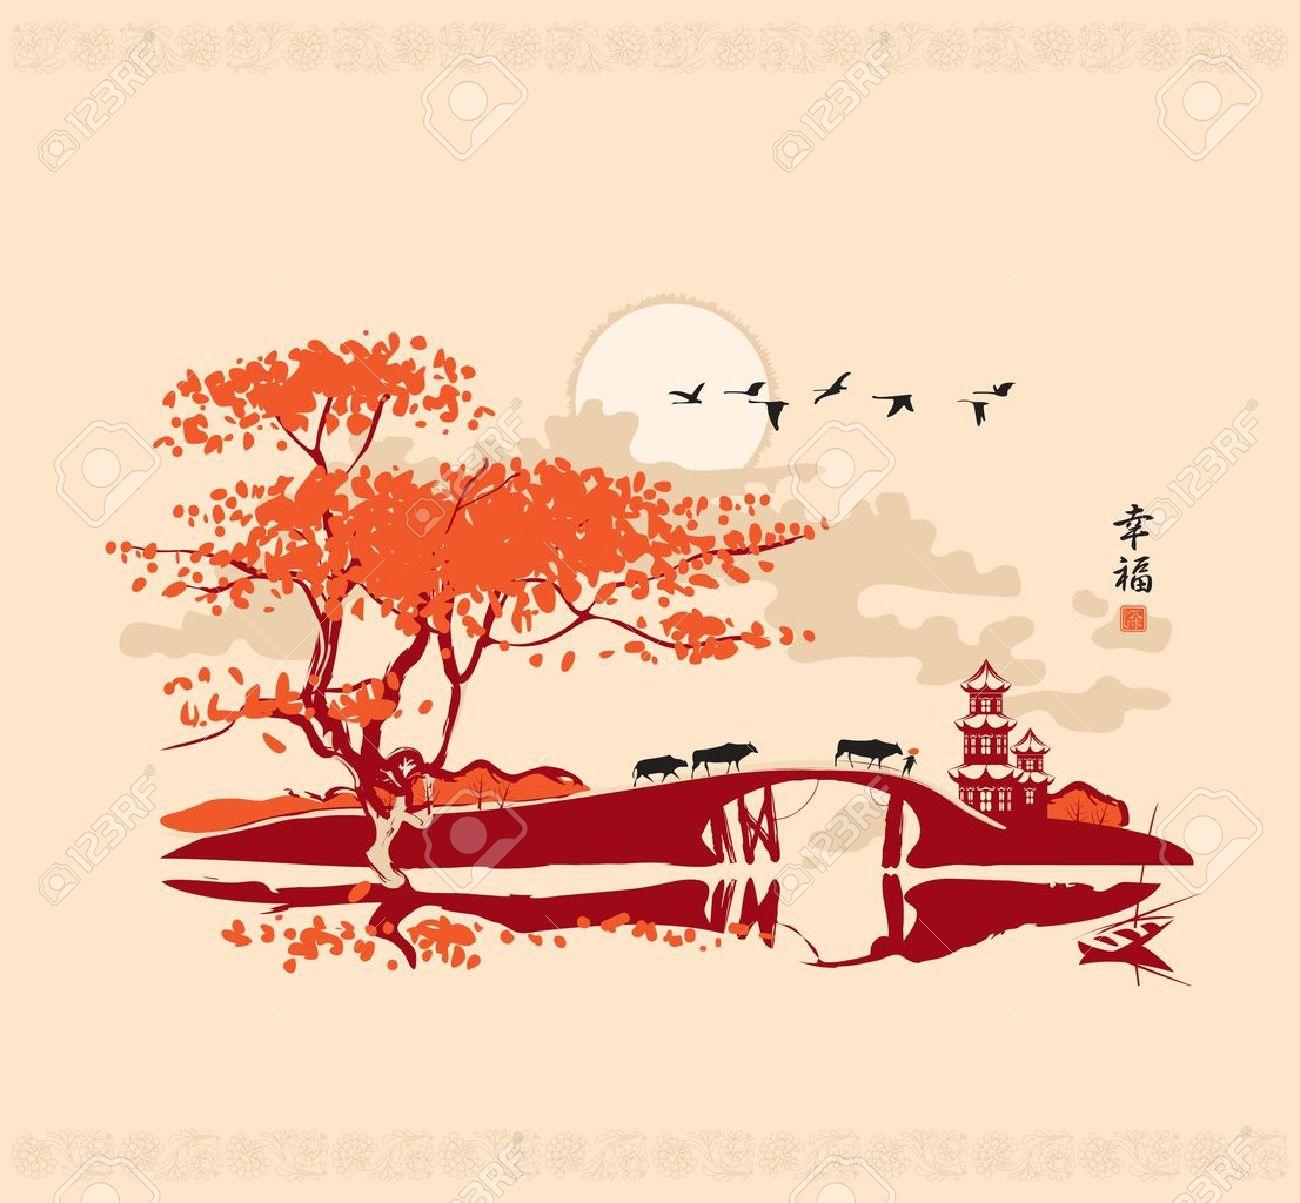 Chinesische Landschaft Mit Pagode Brücke Und Dem Rahmen Der Vögel ...